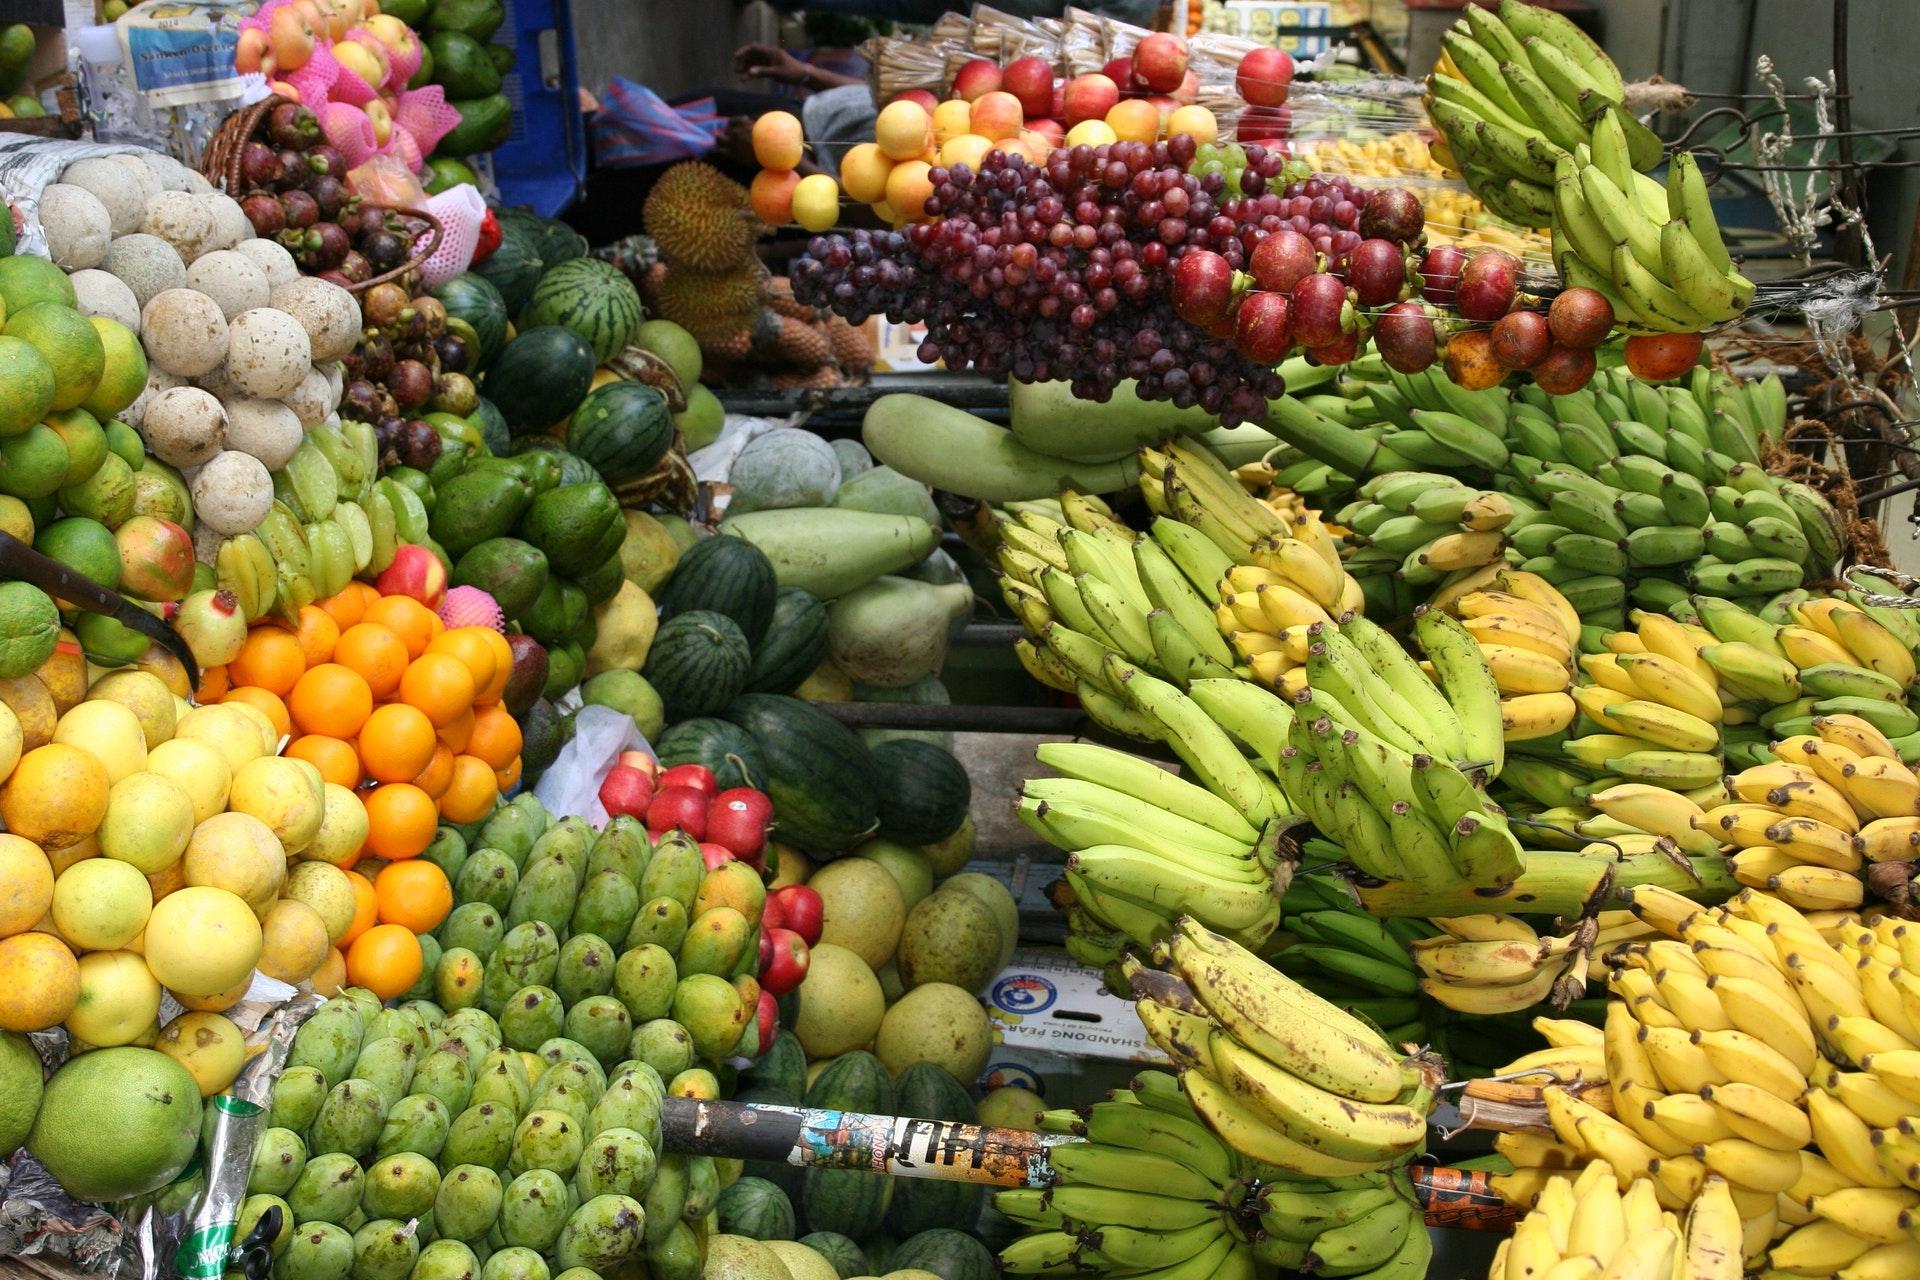 ベトナム,ダナン,ハン市場,フルーツ